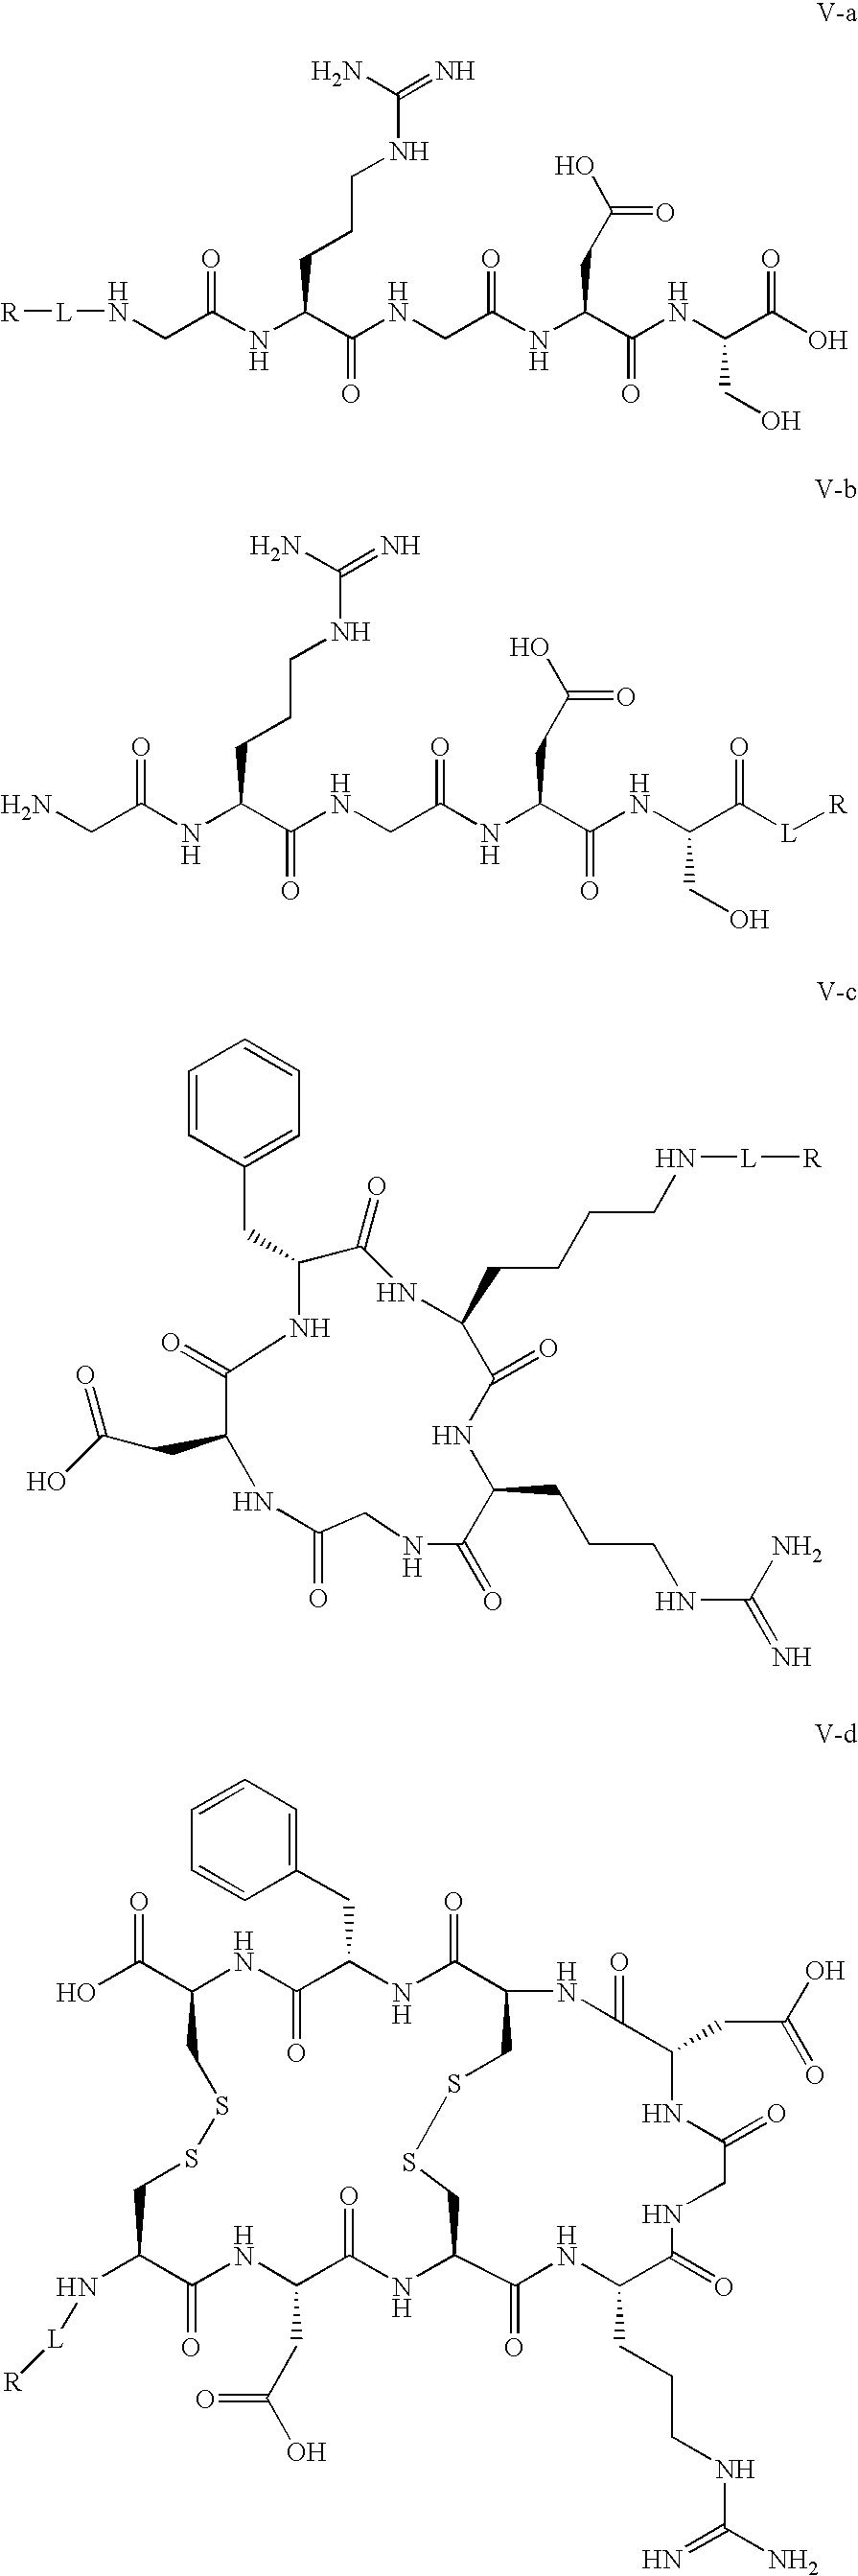 Figure US20090110662A1-20090430-C00017